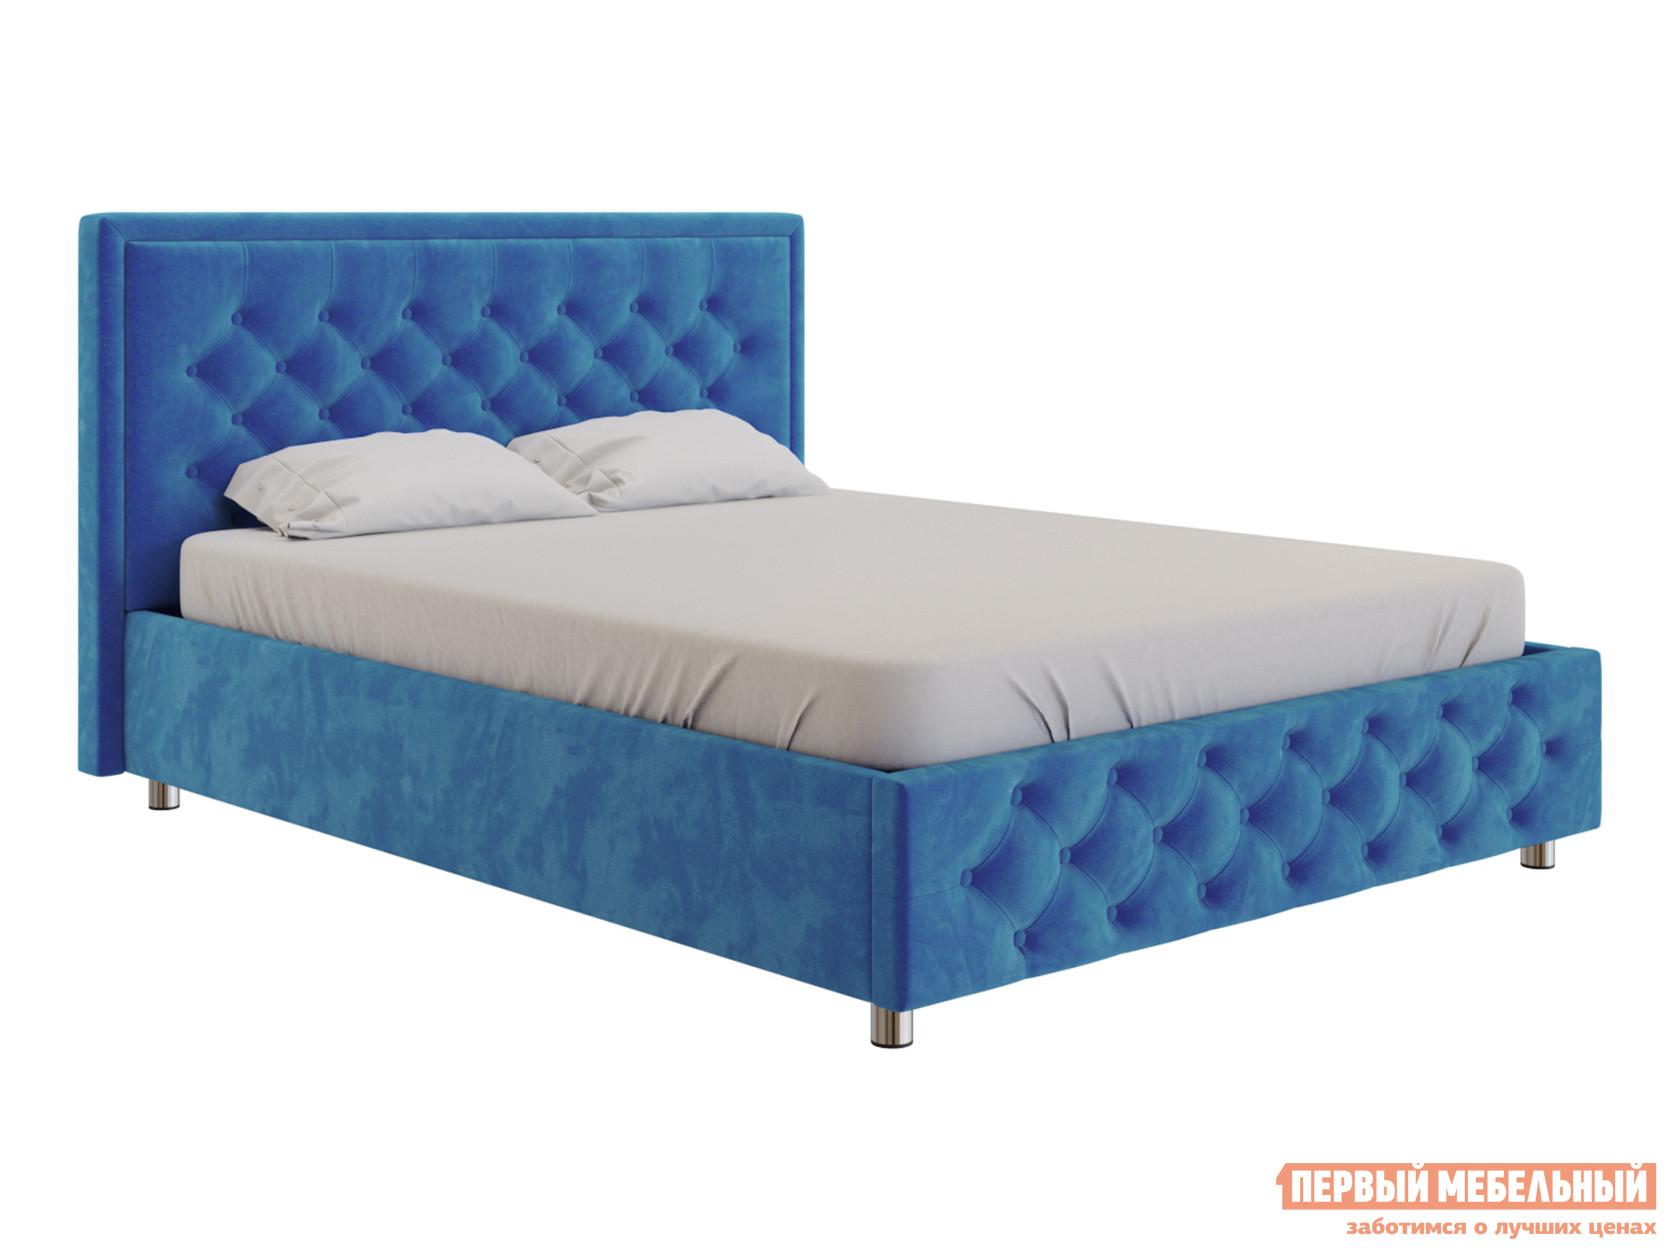 Двуспальная кровать  Кровать с подъемным механизмом Флоренция Ярко-синий, велюр, 1800 Х 2000 мм